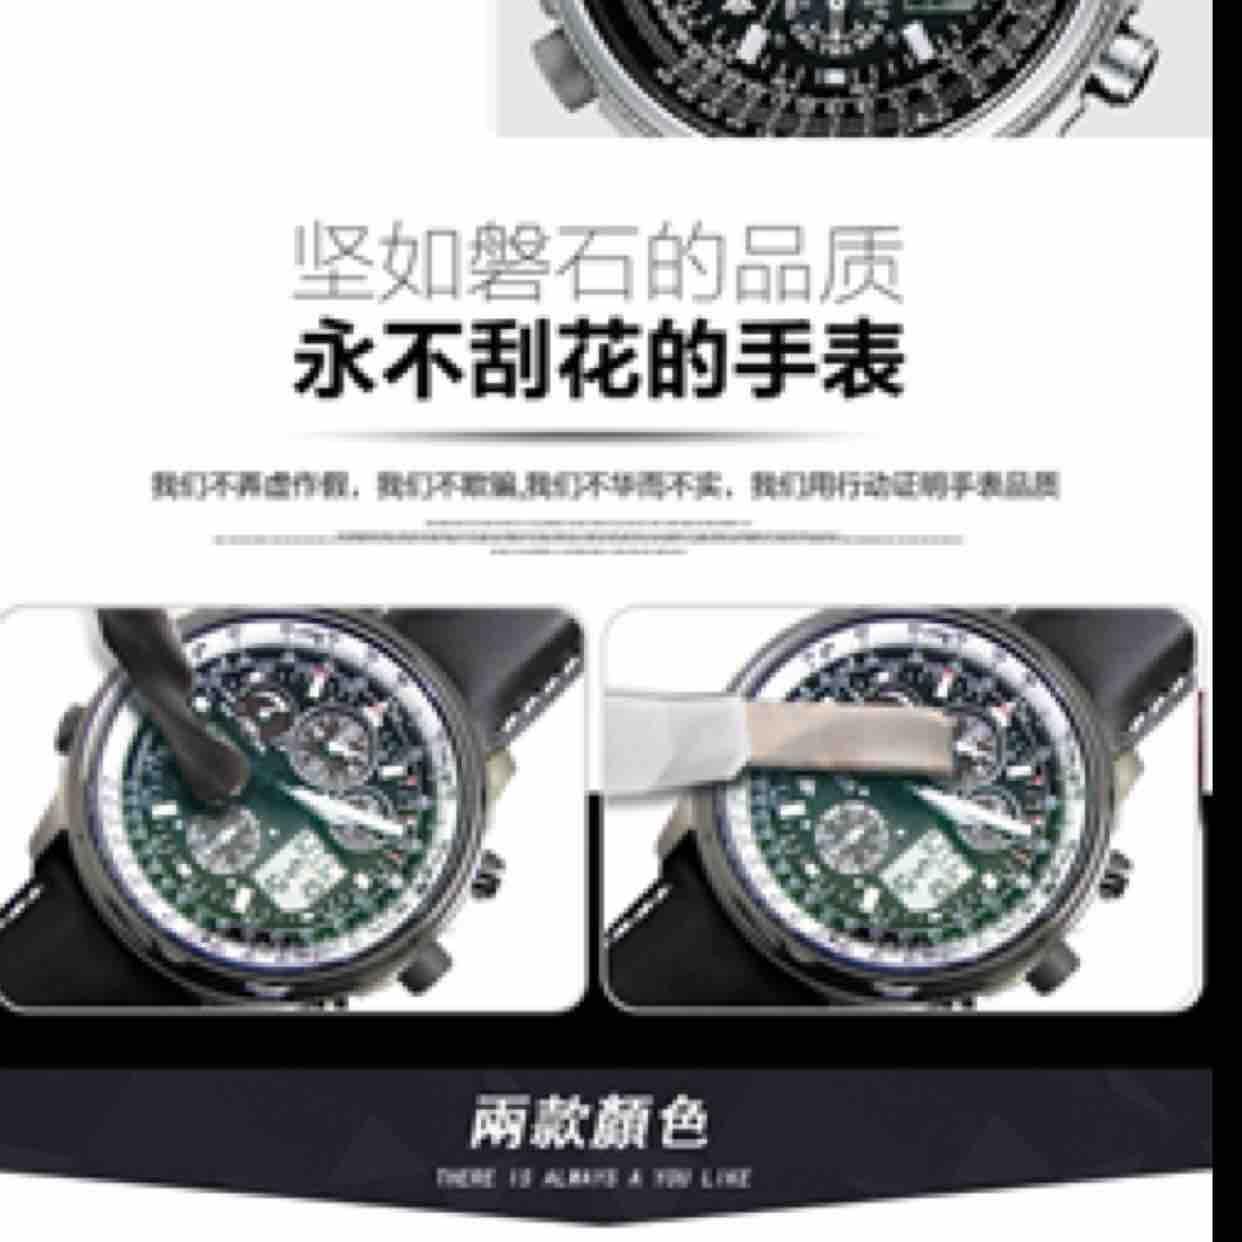 手表福利社